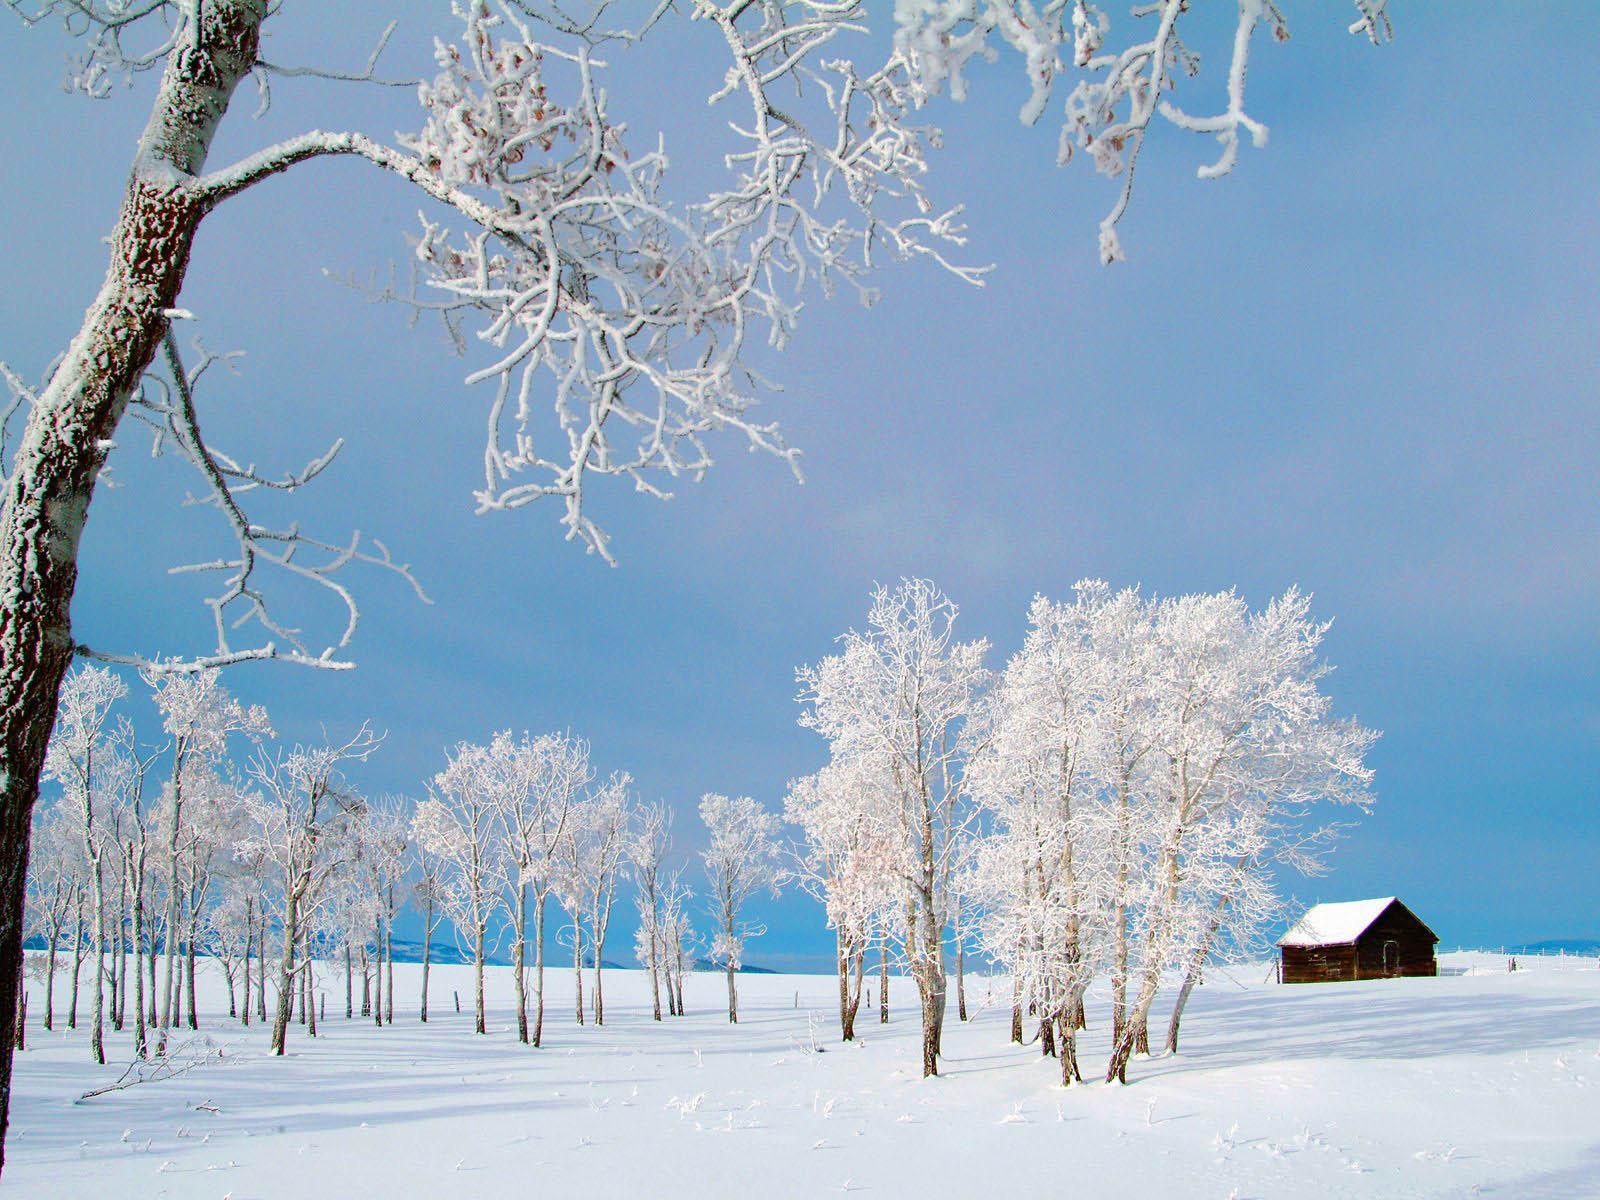 Winter Desktop Wallpapers and Backgrounds Desktop Wallpapers Online 1600x1200